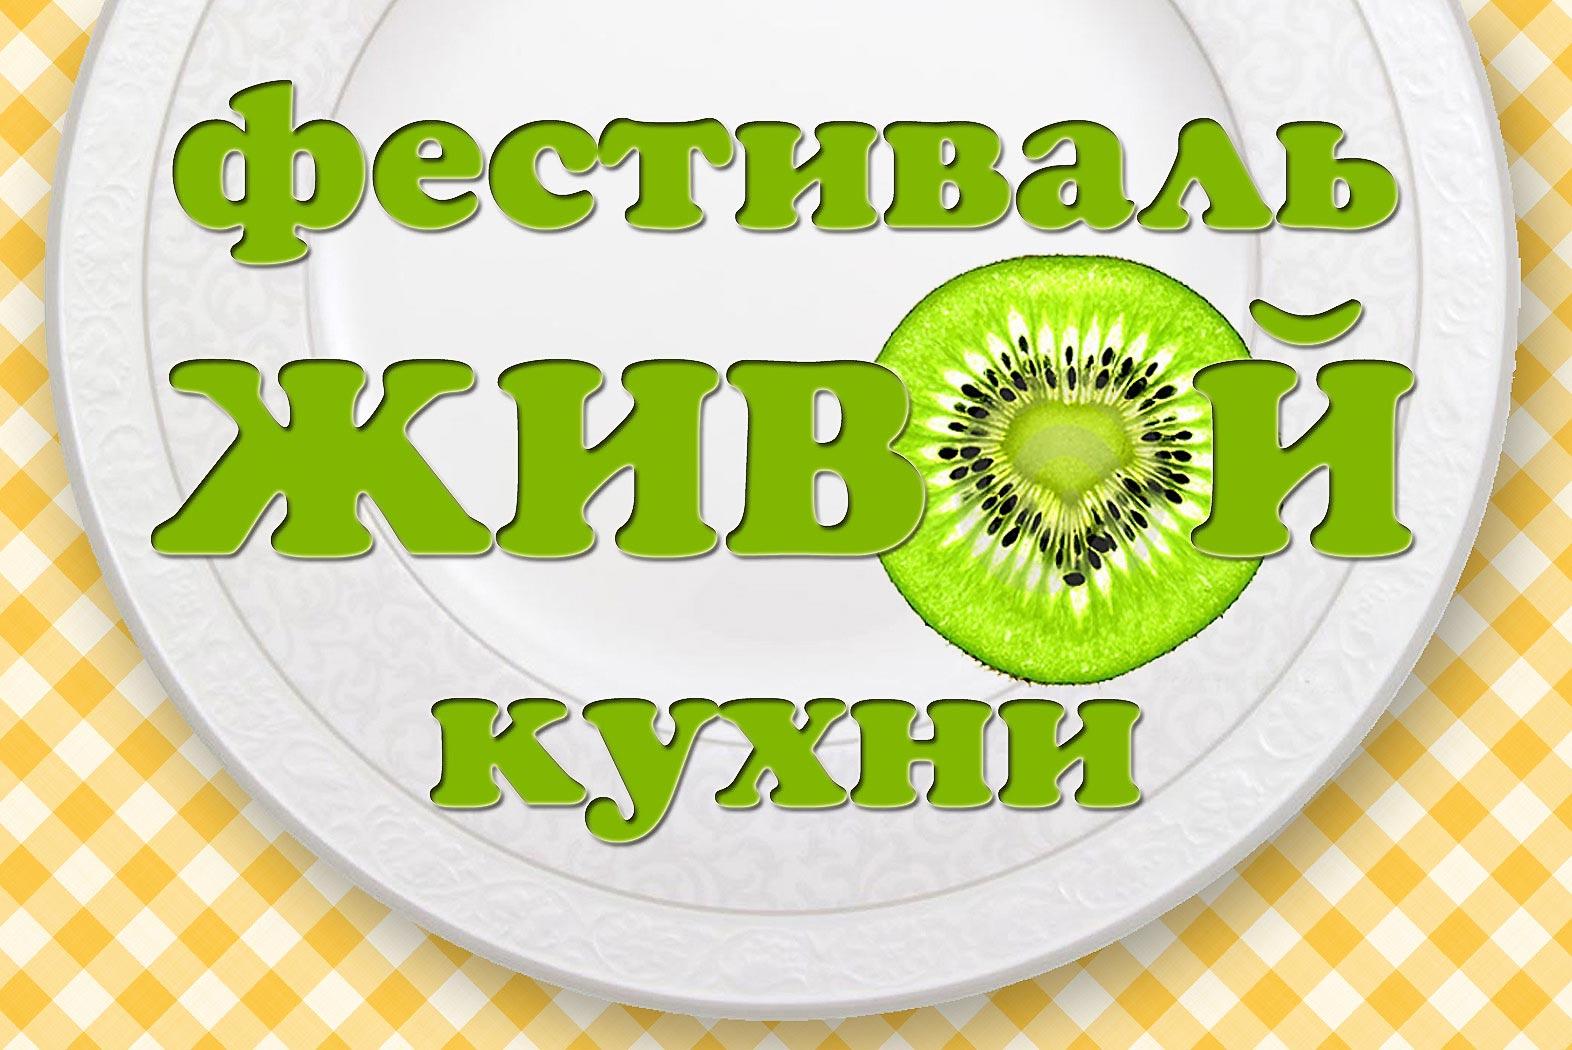 07.04.2013 Второй Запорожский фестиваль Живой кухни!